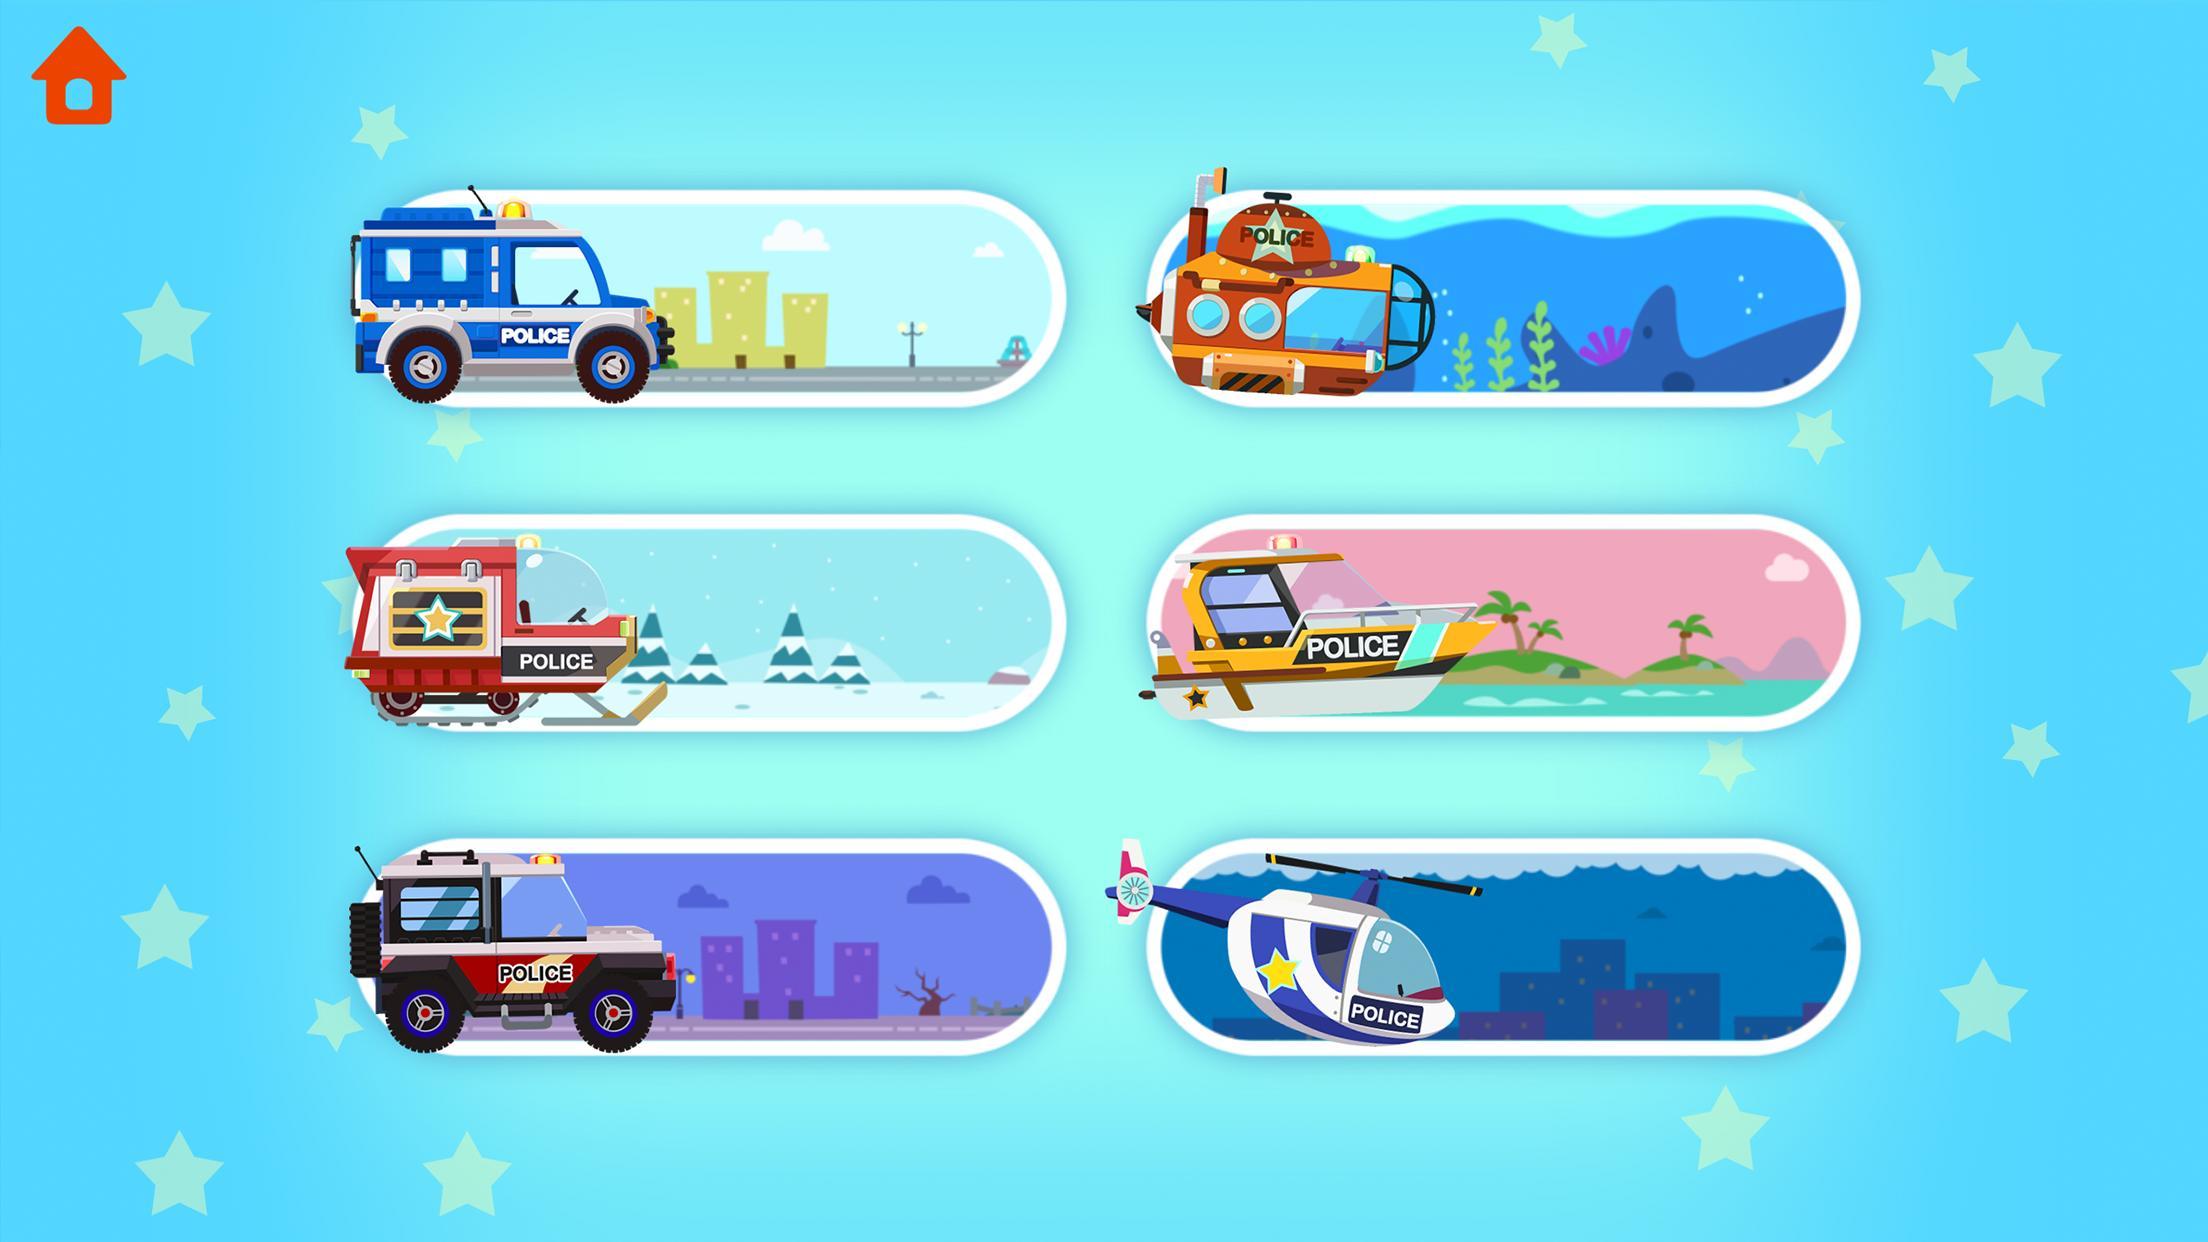 Mobil Polisi Dinosaurus Permainan Anak Anak For Android Apk Download